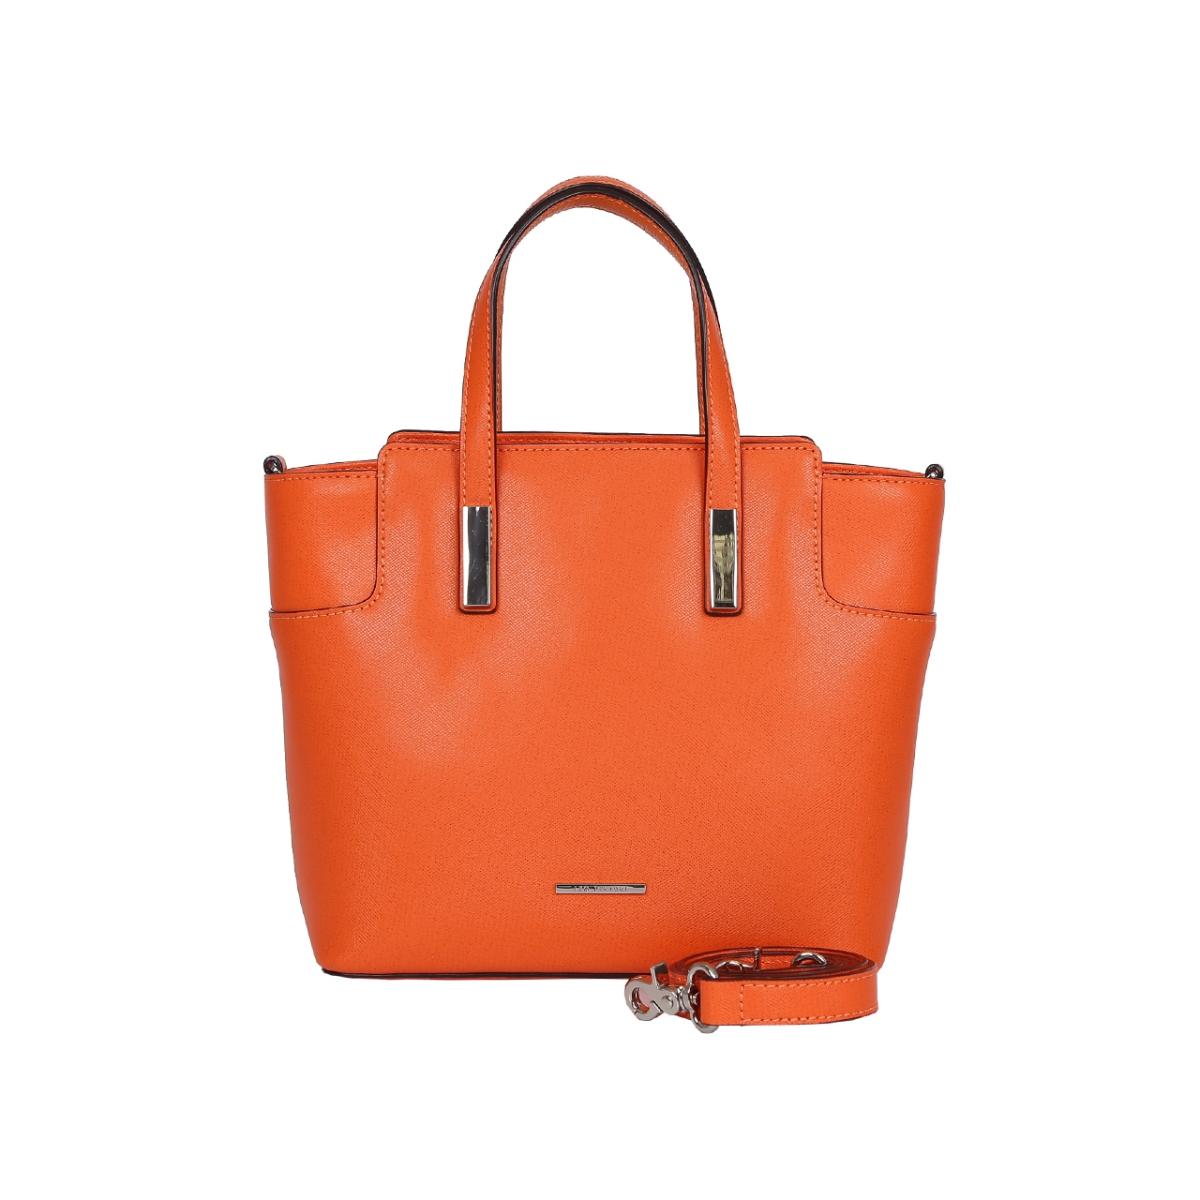 8ce4582f4997 Женская сумка Leo Ventoni 23004408-orange (в наличии) - купить в ...